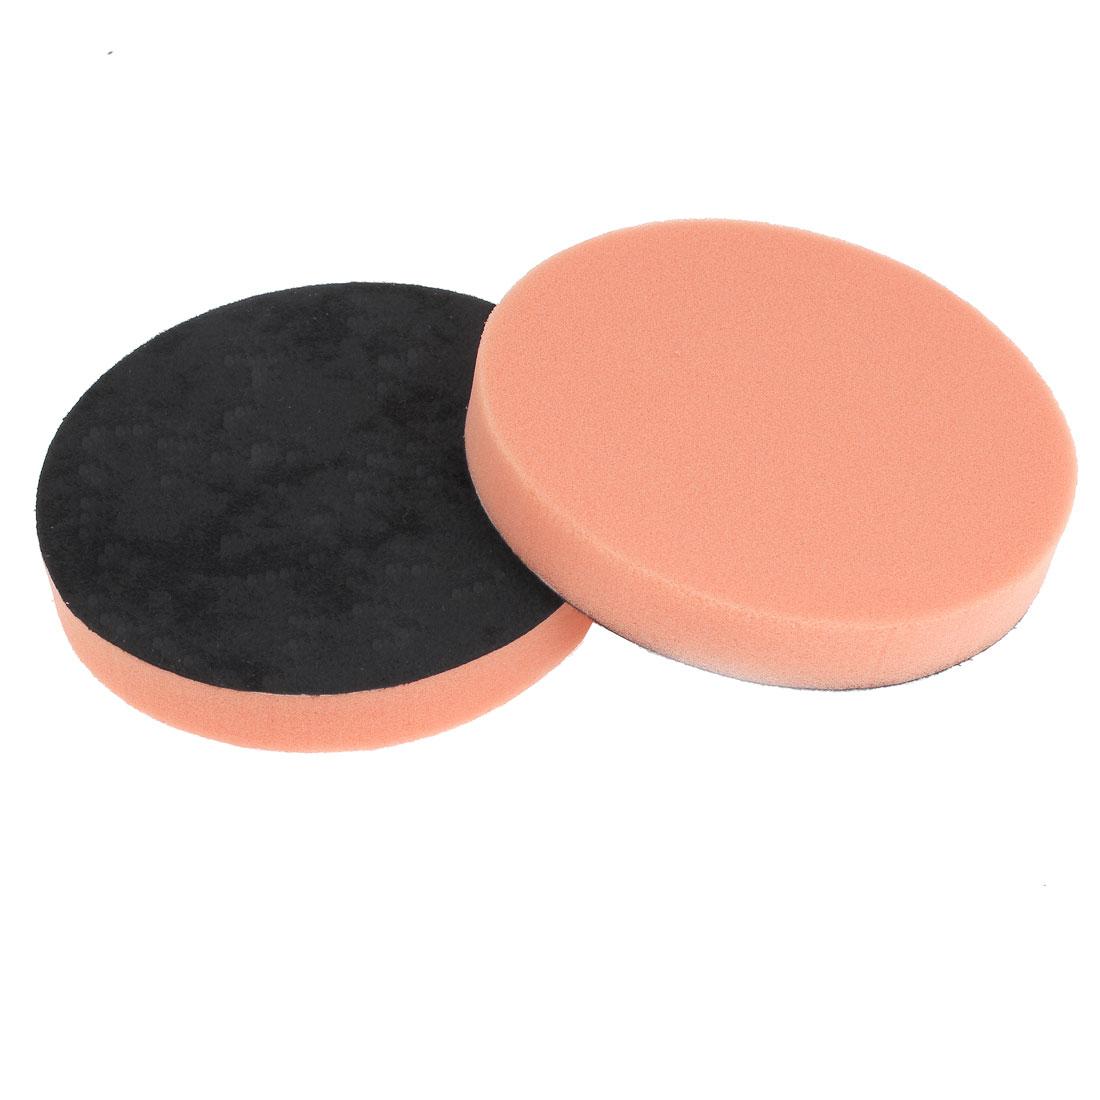 """Vehicle Car 6"""" Dia Round Shaped Polisher Cleaning Pad Sponge Tool Orange 2 Pcs"""